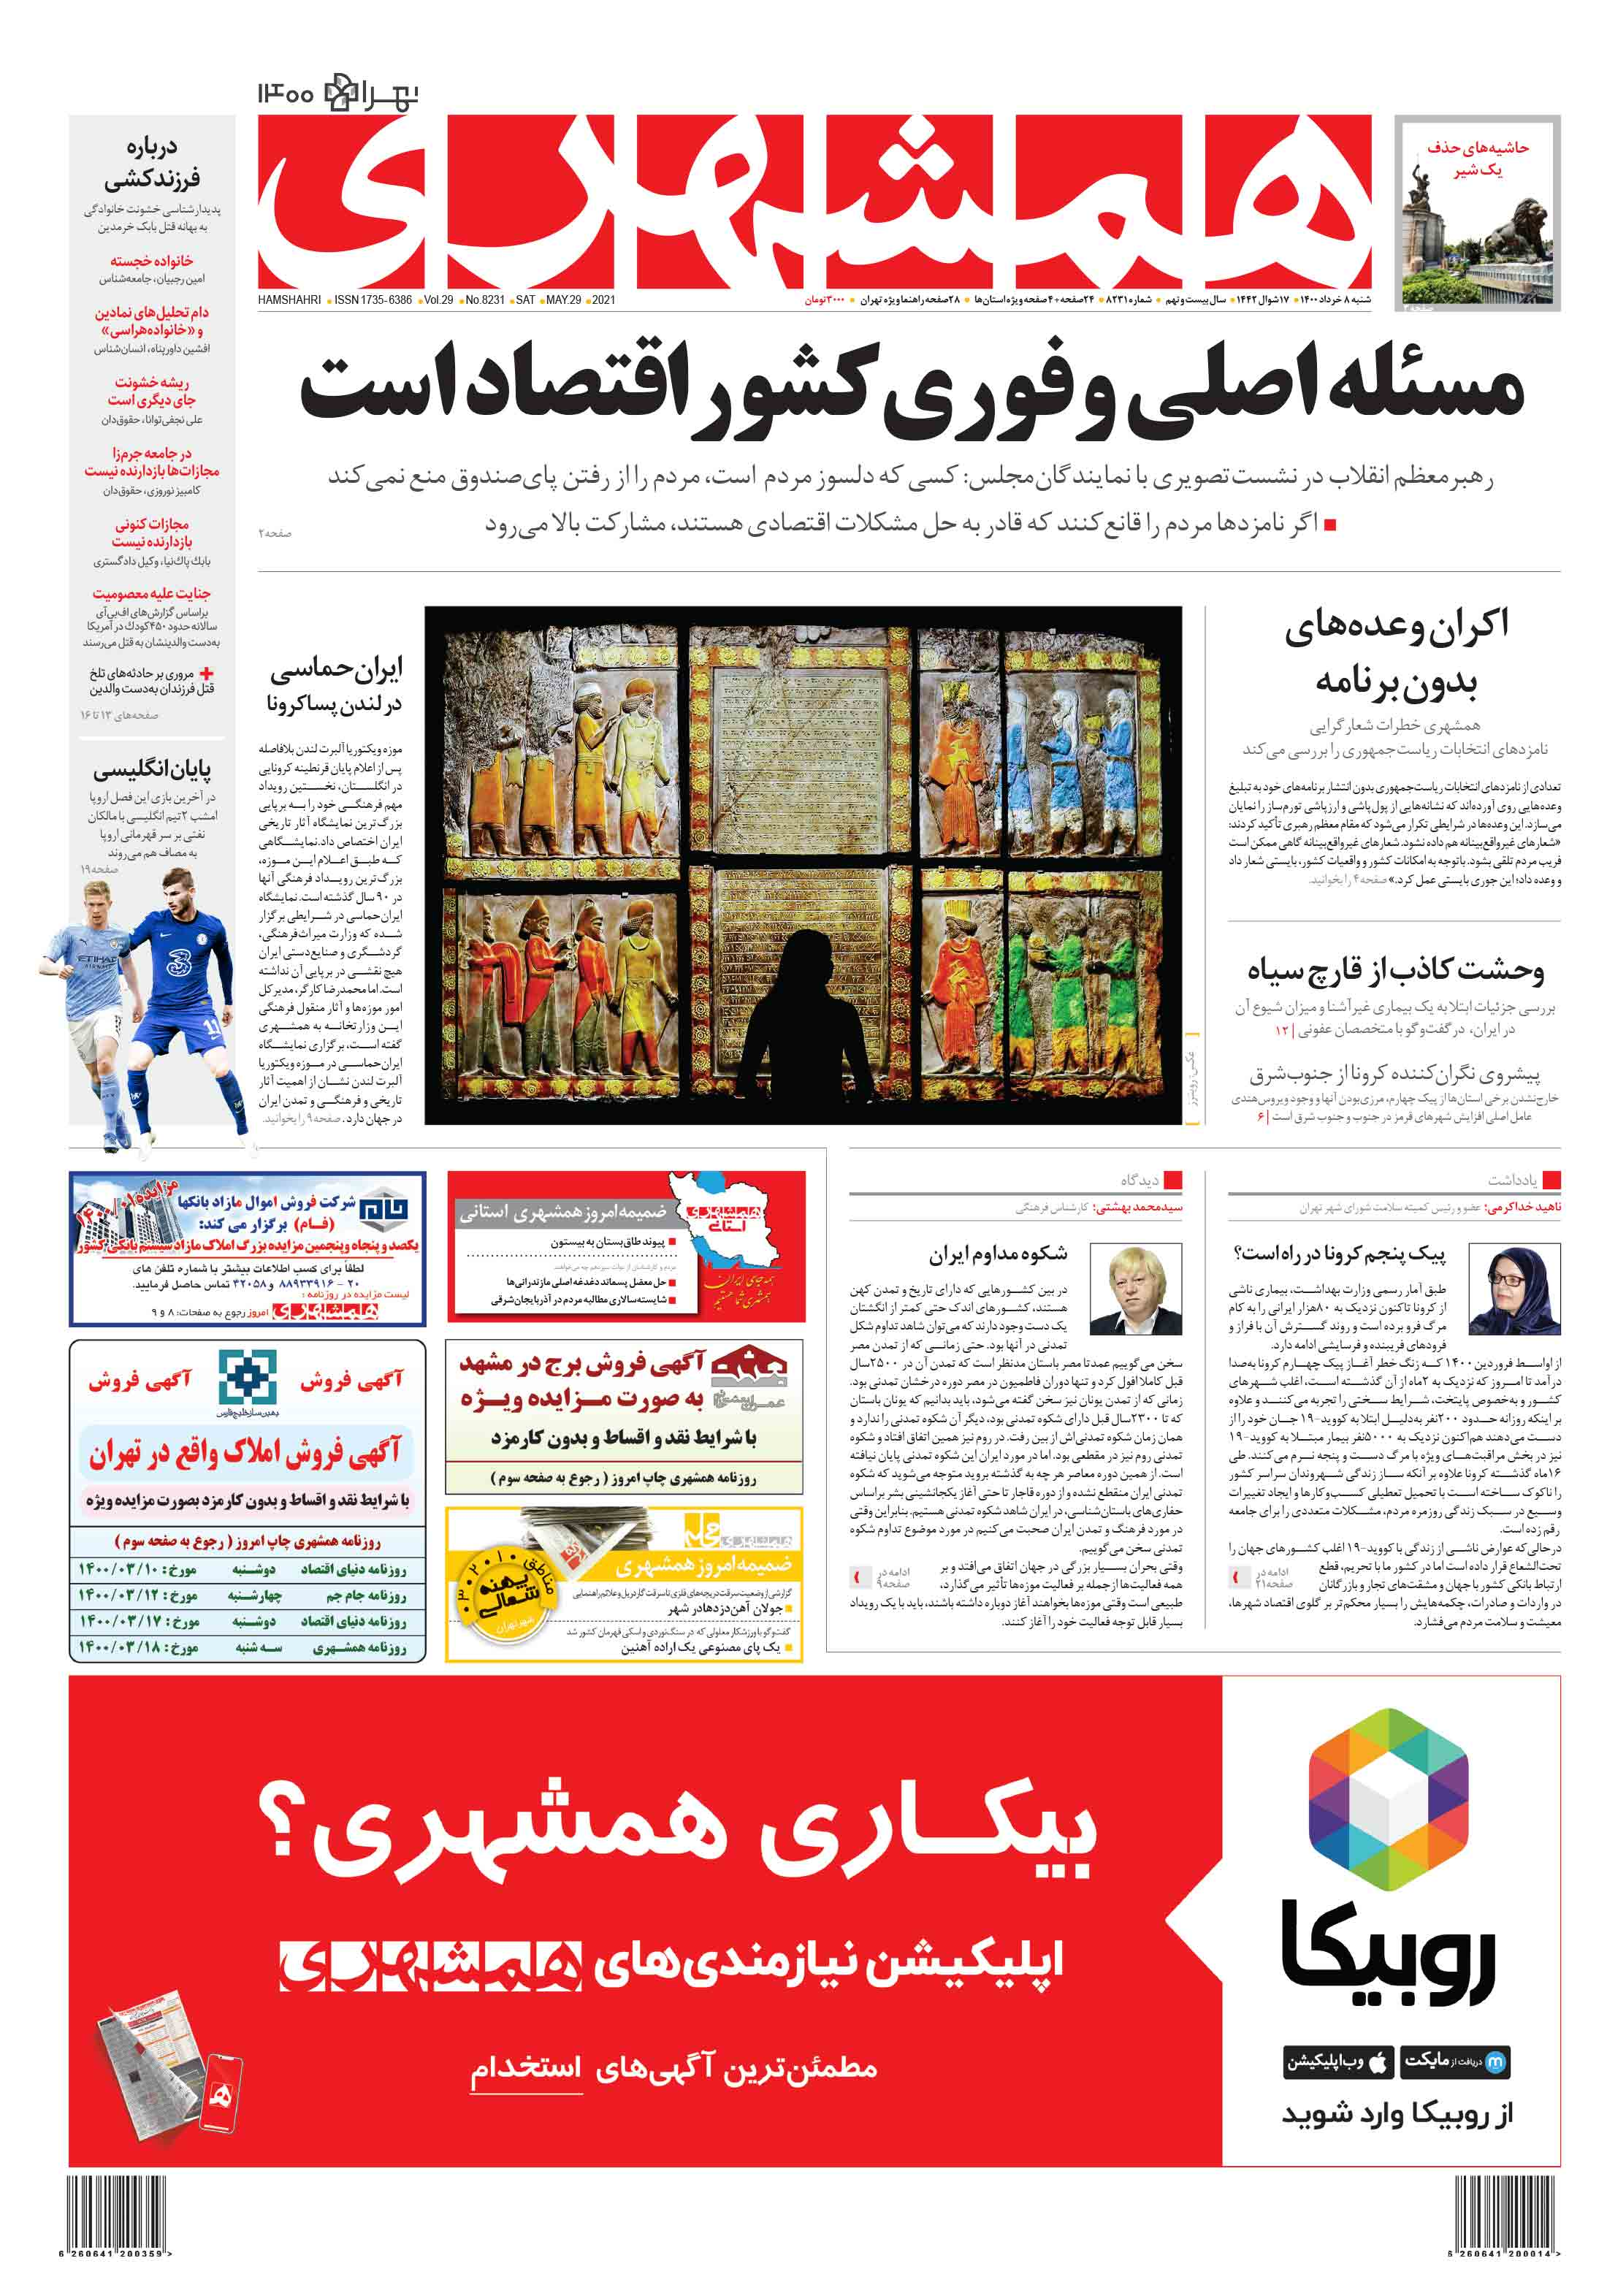 صفحه اول شنبه 8 خرداد 1400